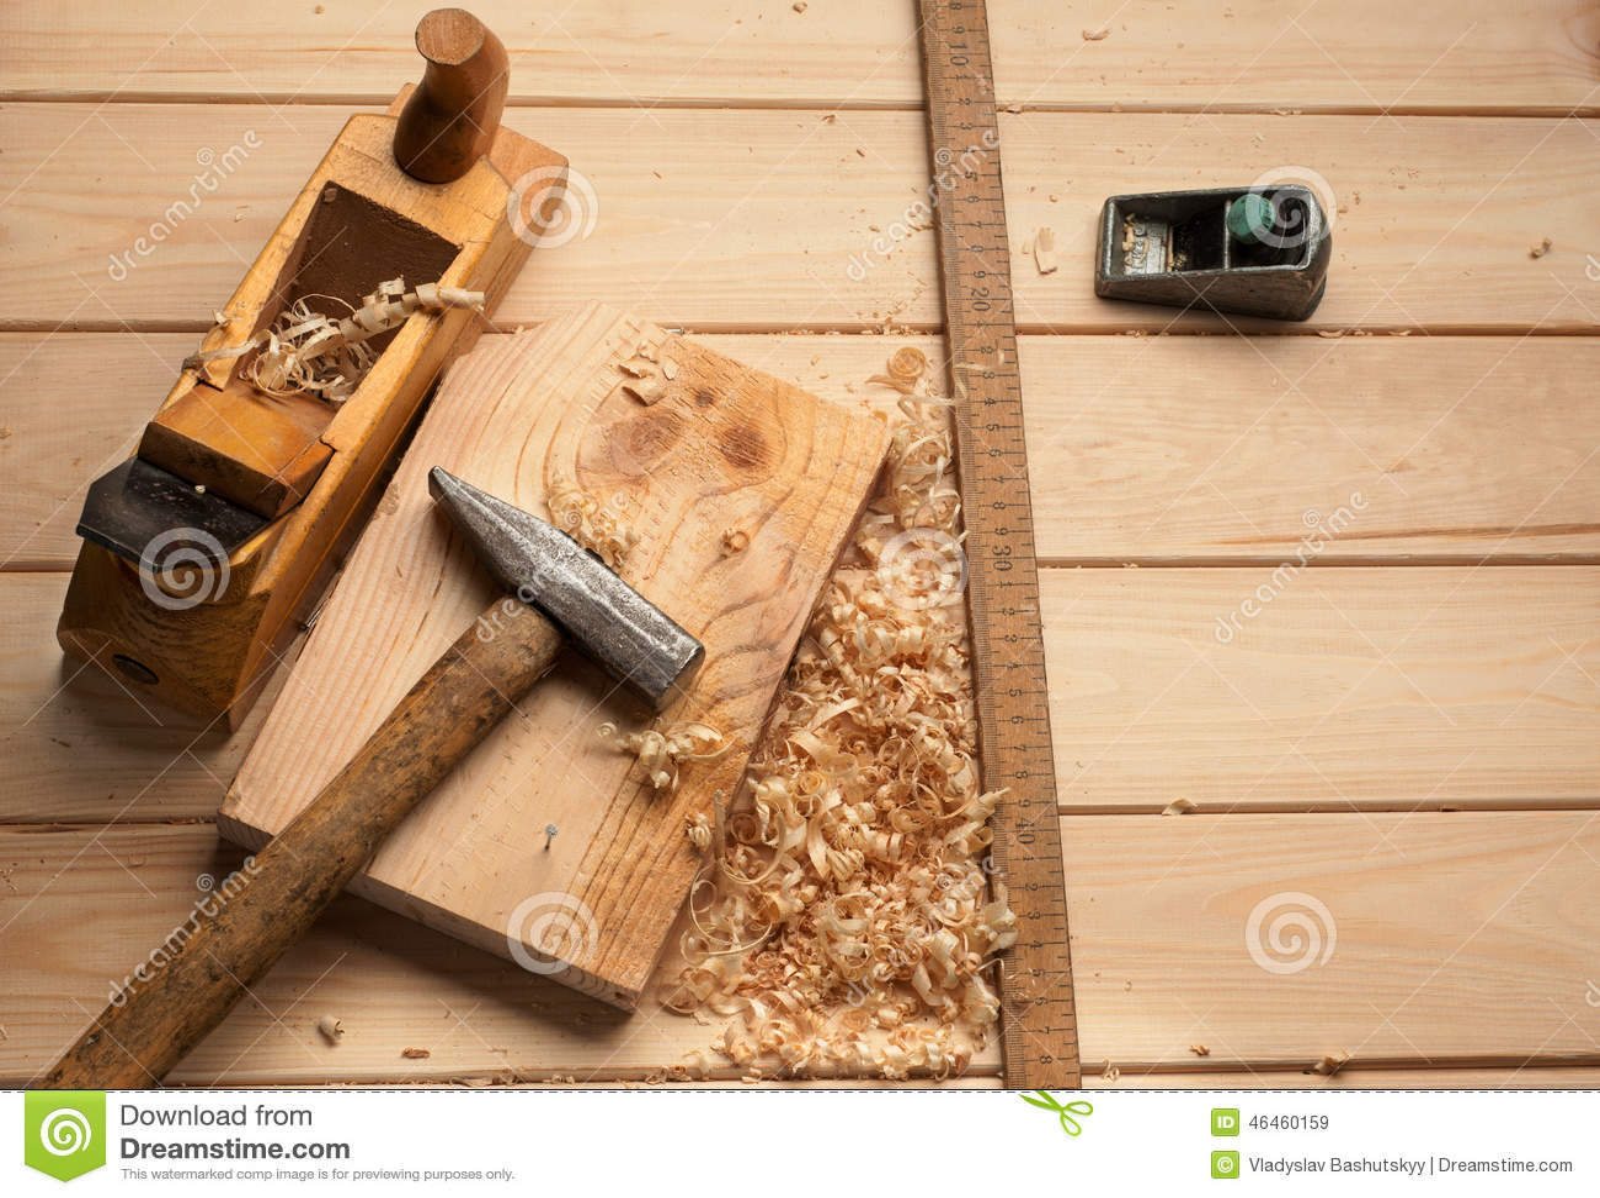 Herramientas del carpintero martillo metro clavos - Carpintero de madera ...